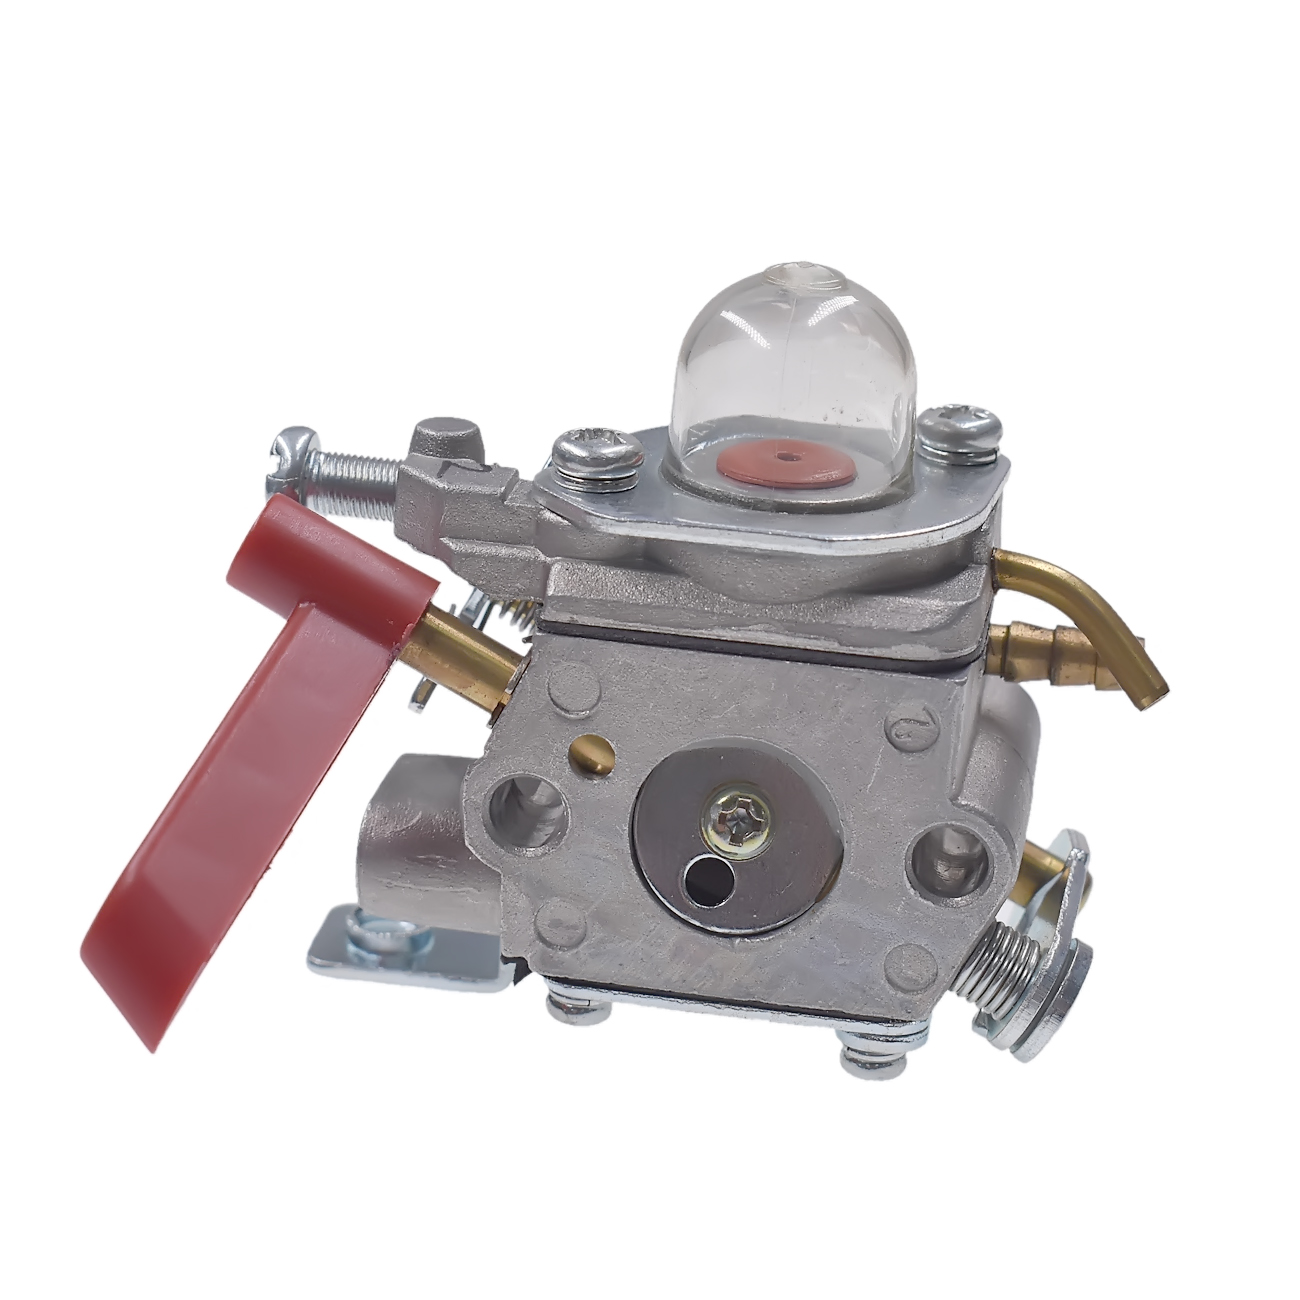 Carburetor For Homelite Ryobi Poulan C1U-H60 C1U-H60E Trimmers Blower ...